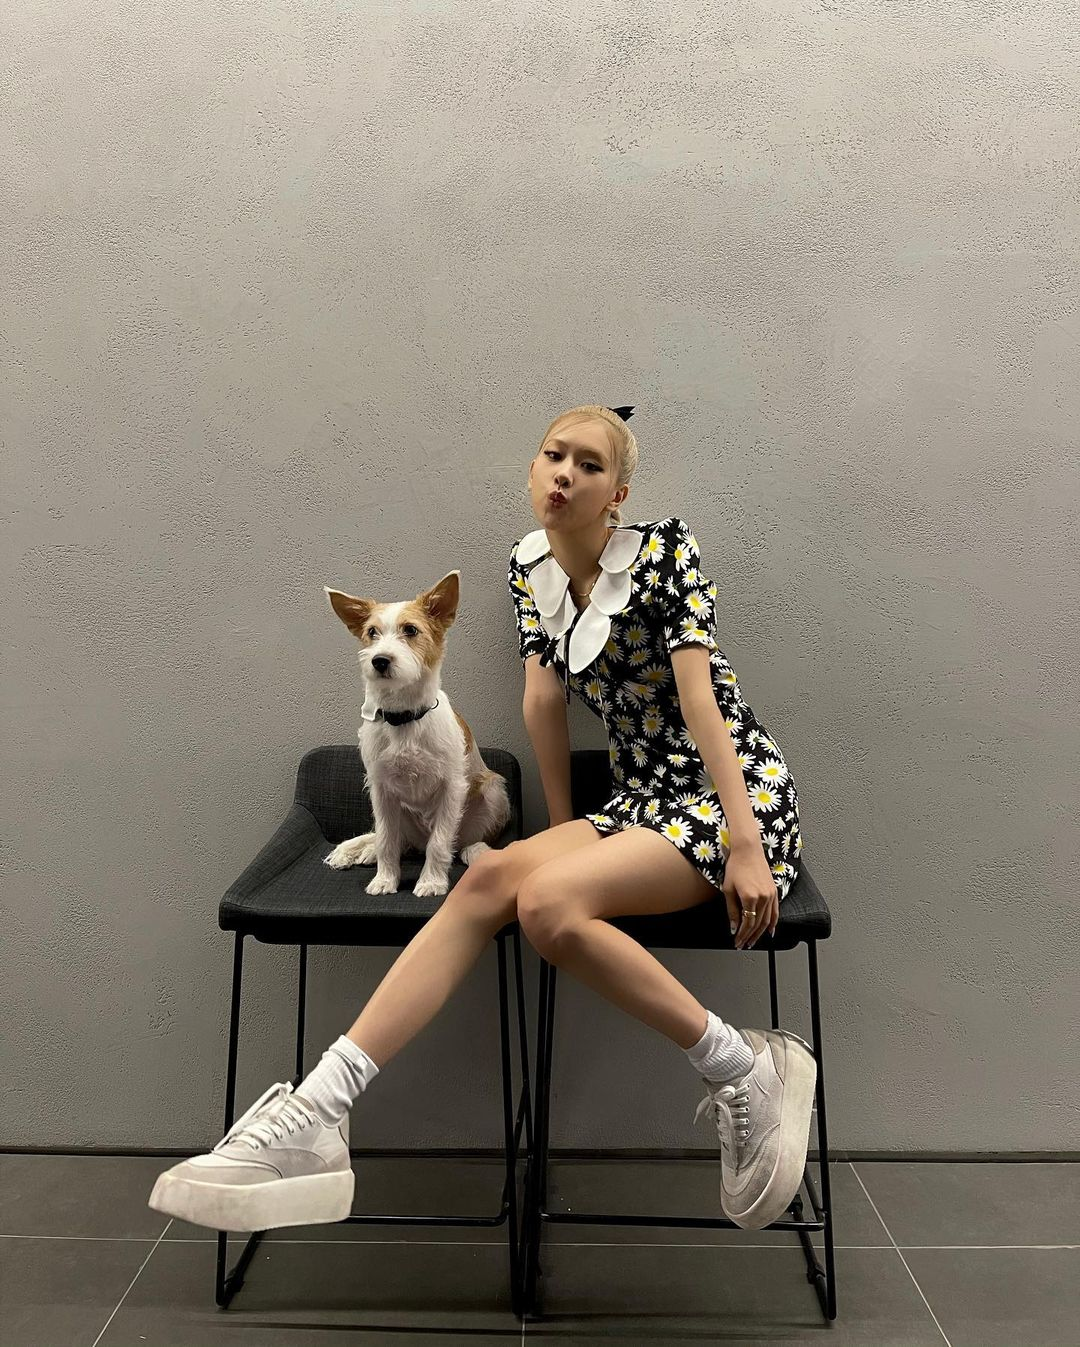 A mulher está sentada em uma cadeira preta. Ela usa um vestido preto com estampa de margaridas, tênis branco e está com o cabelo preso em um coque. Ela olha para a câmera e faz pose com bico. Ao lado da mulher, tem um cachorro branco com orelhas caramelo.